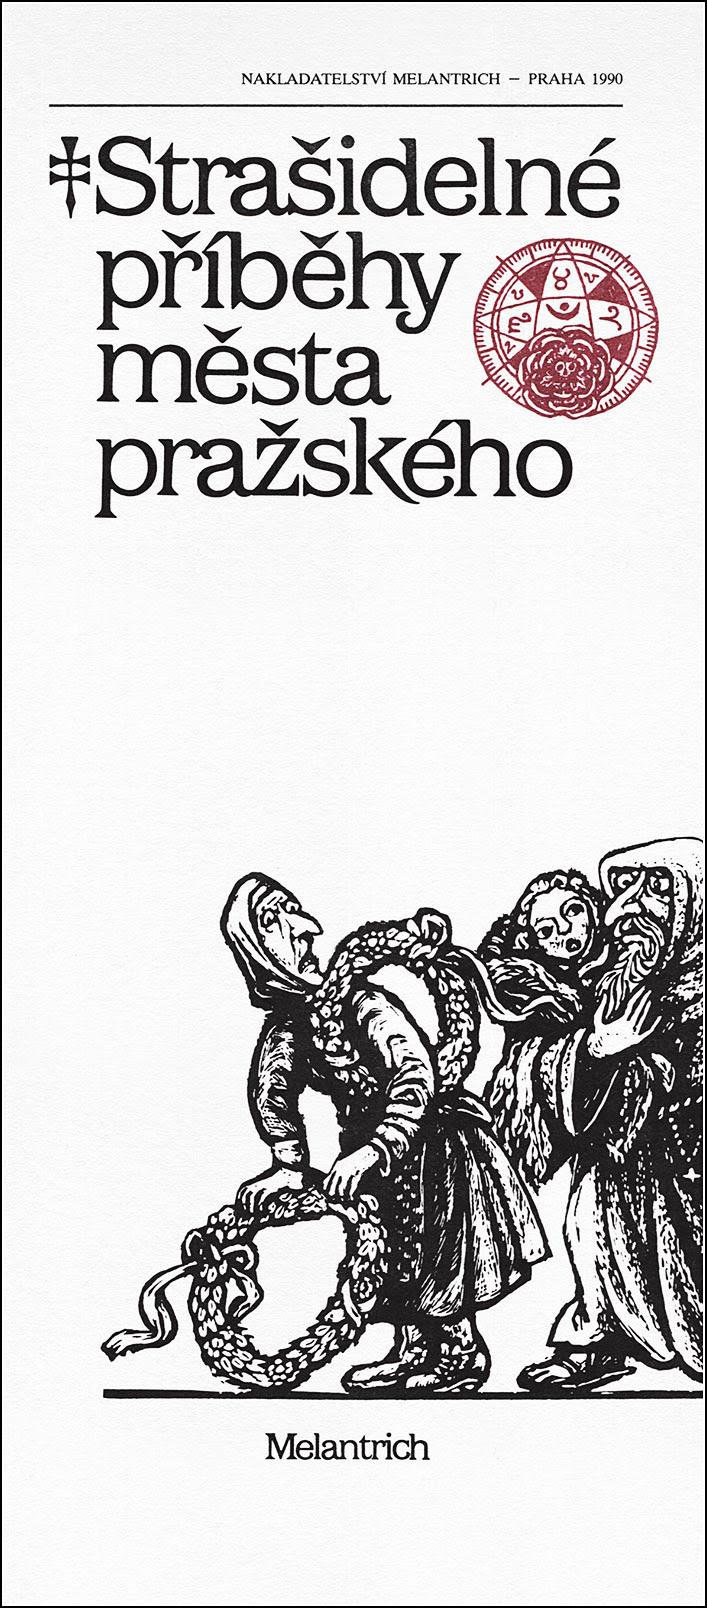 Zdeněk Mézl, Strašidelné přiběhy města pražského